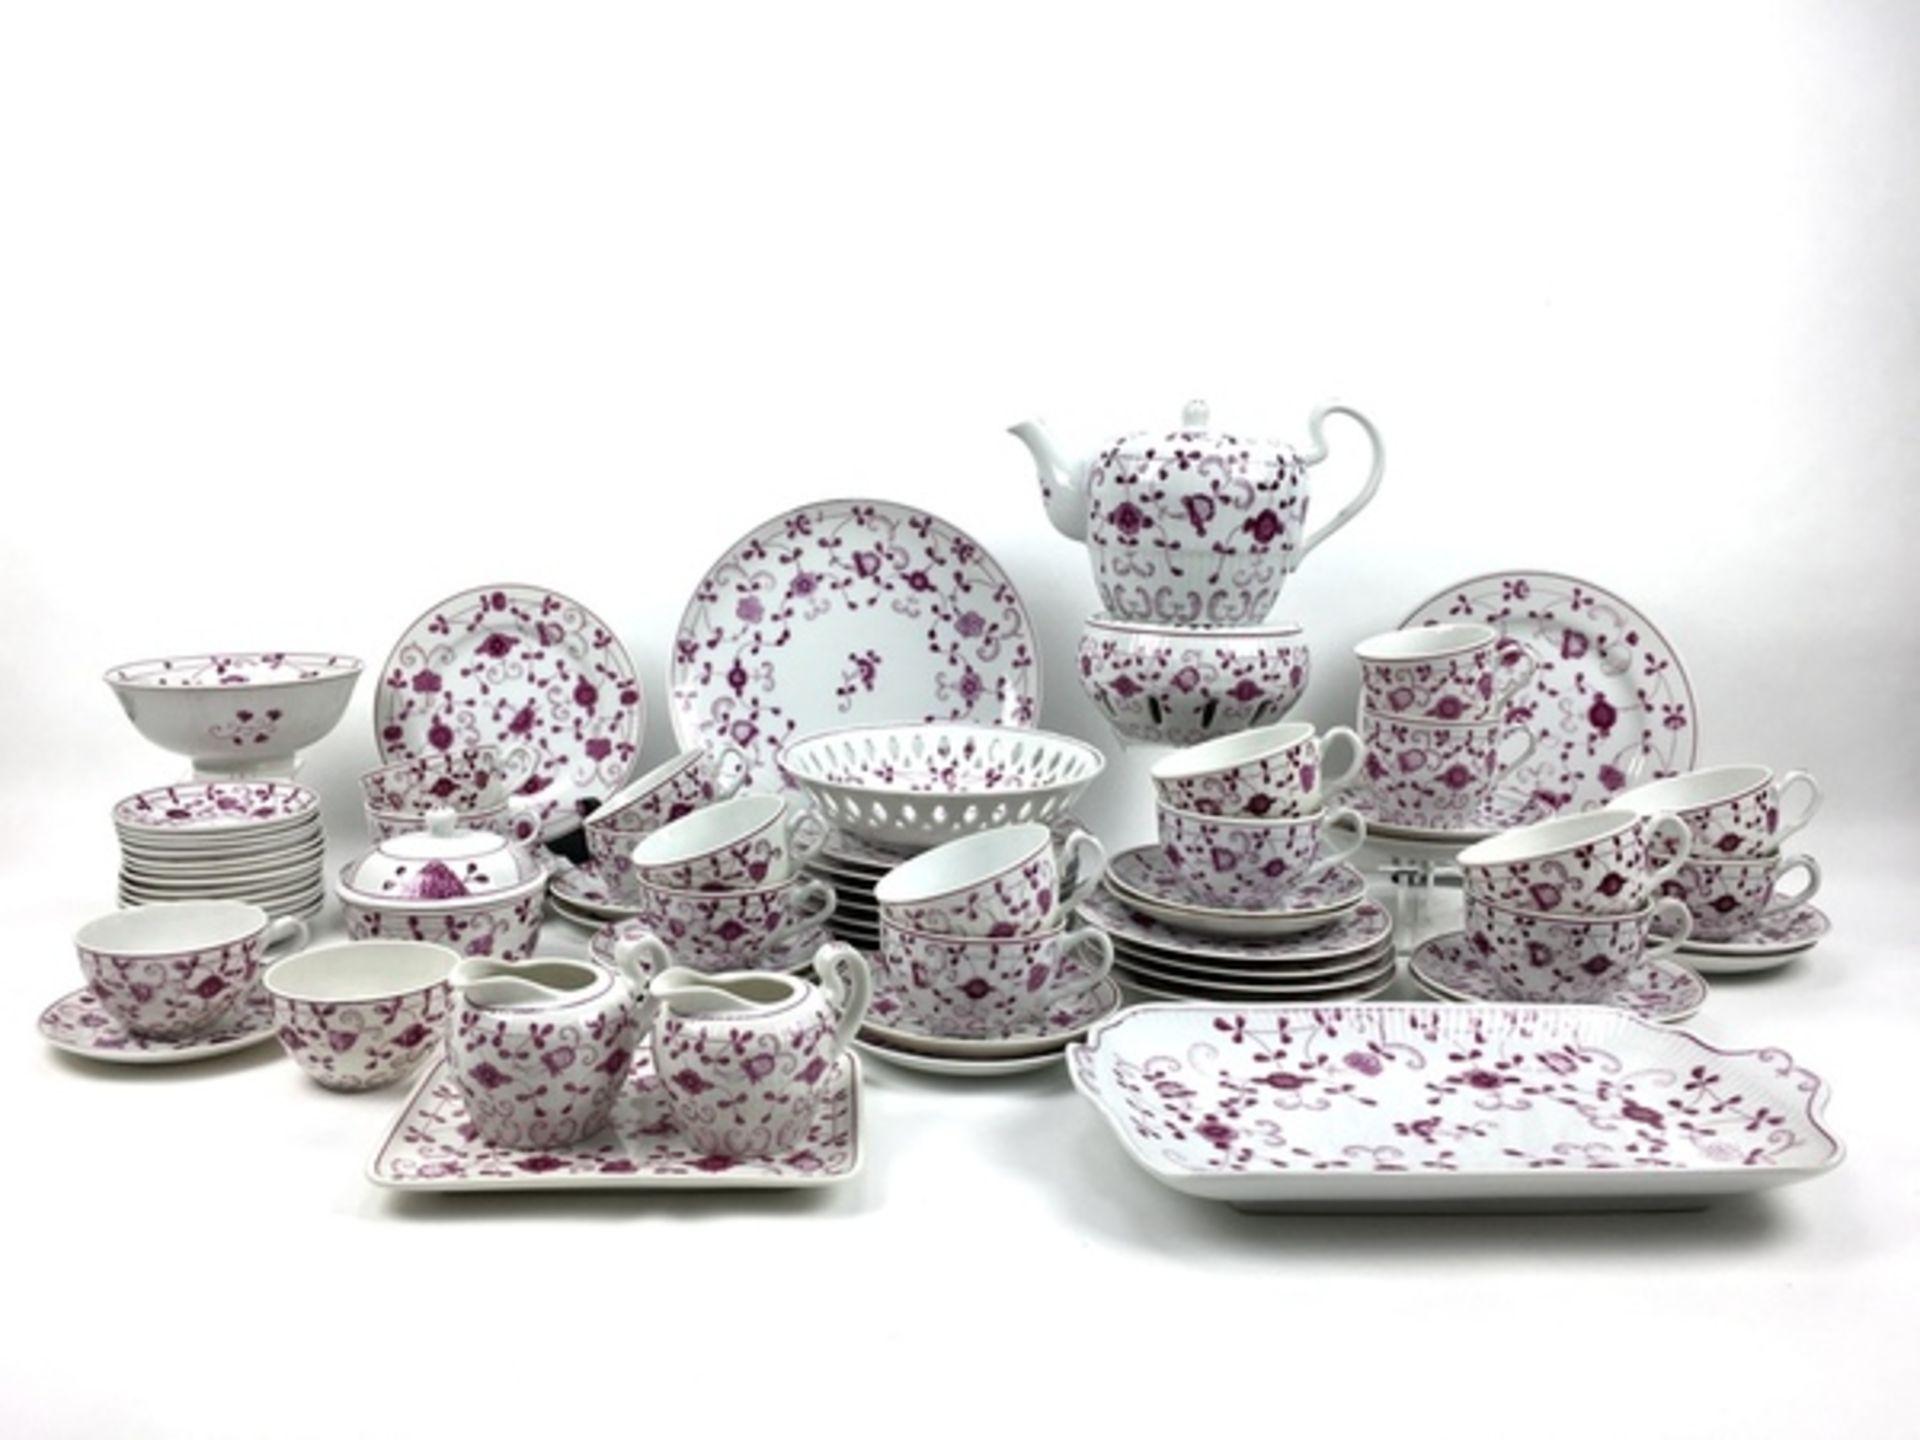 (Curiosa) Koffie-en thee servies August WarneckeKoffie-en theeservies waaronder serveerborden,